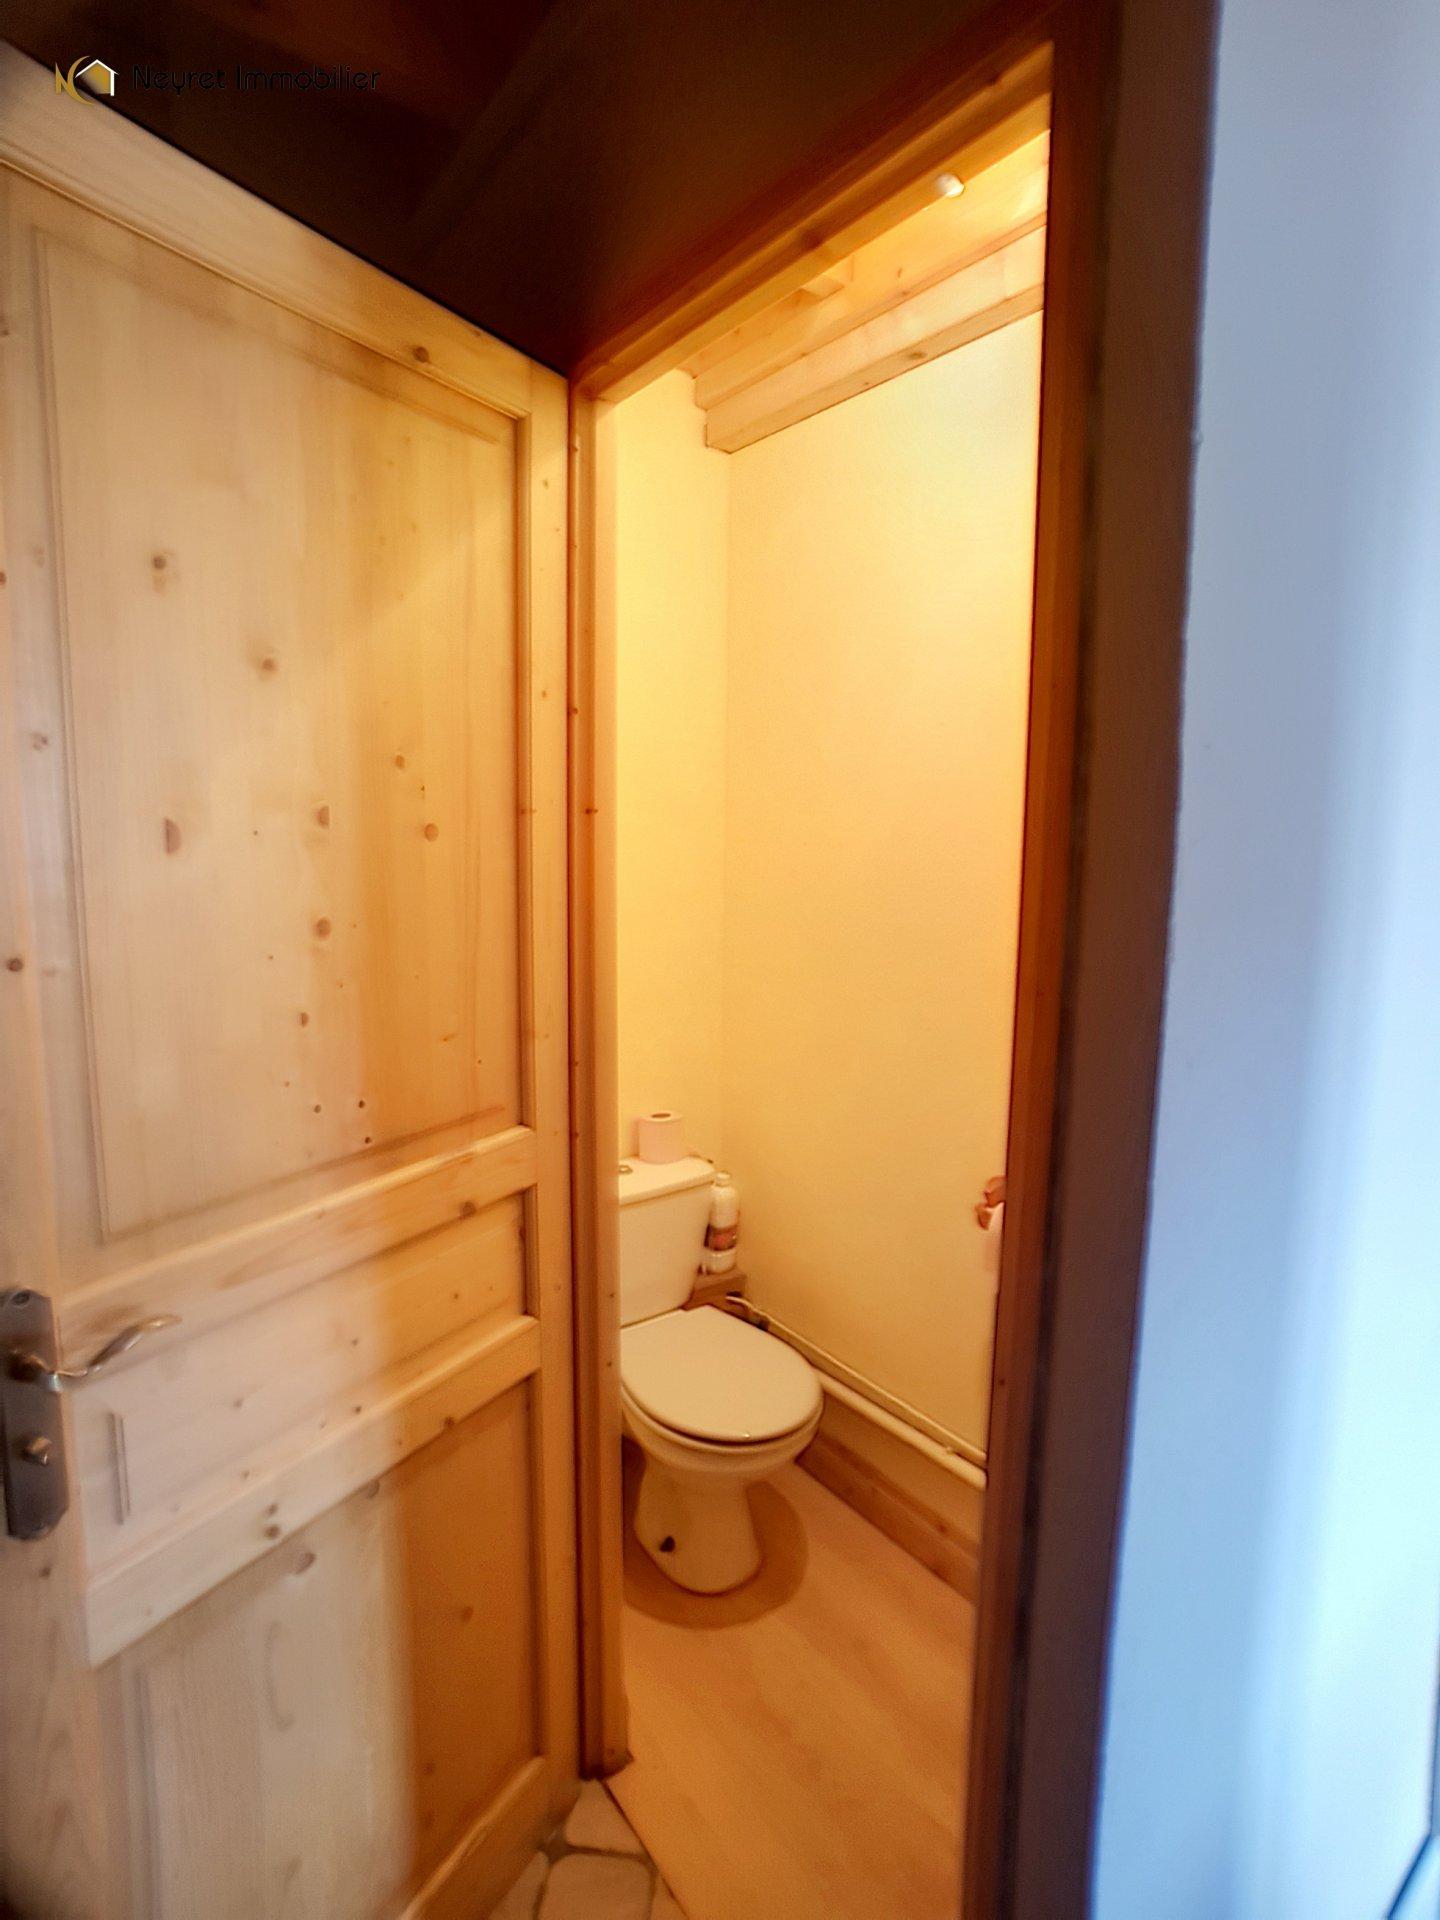 T2 DUPLEX de 73,69 m2 mansardé rue Valensaut